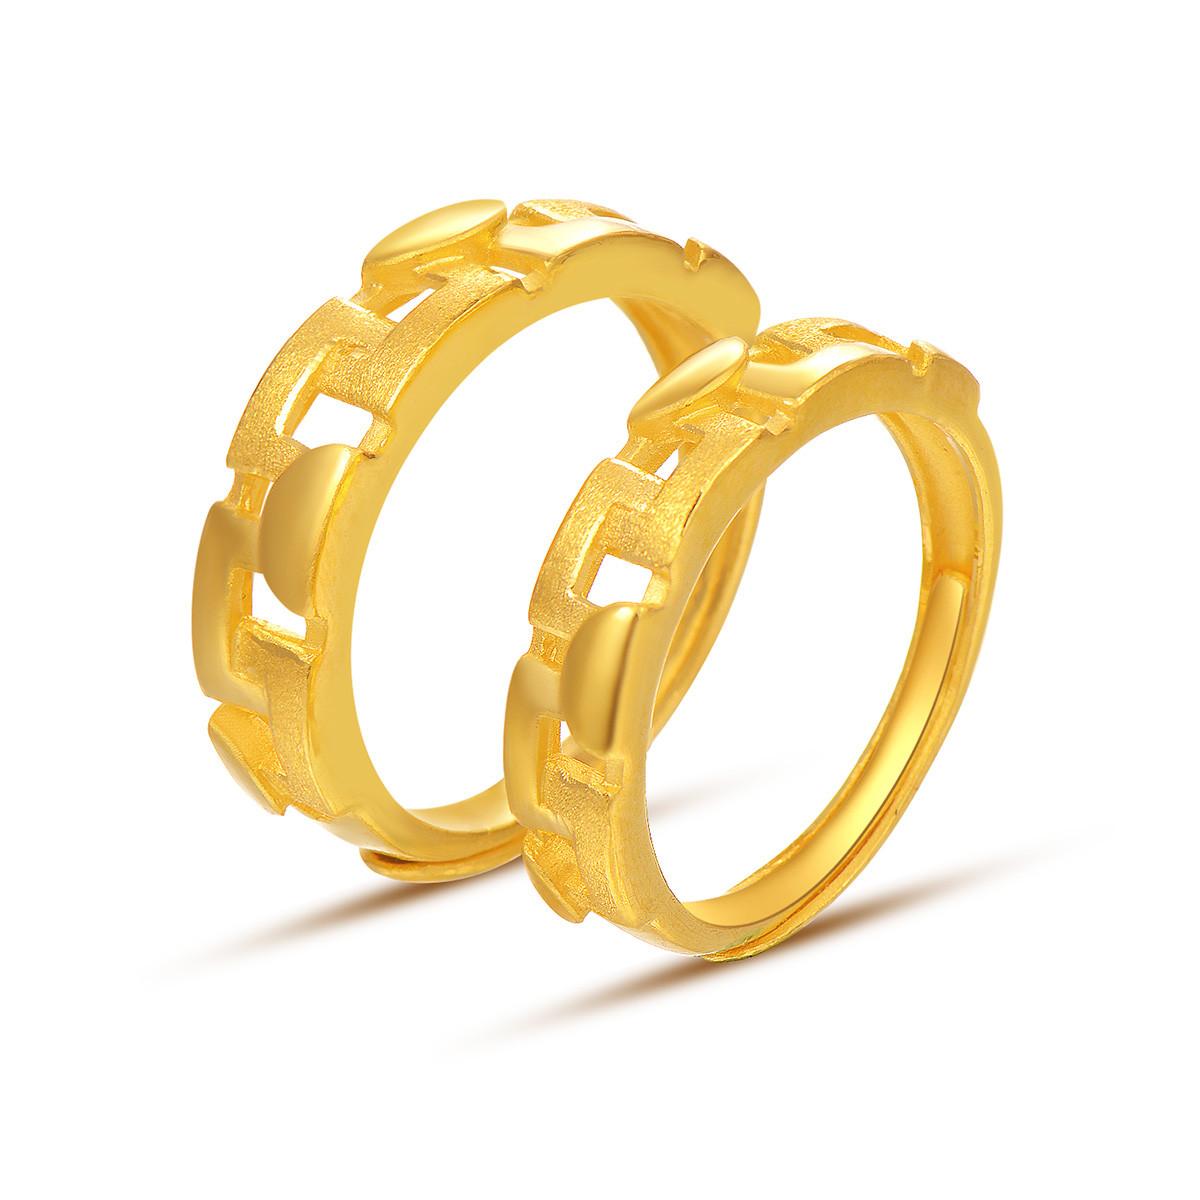 中国黄金足金戒指女士黄金戒指誓言为爱女戒指情侣对戒计价ZGHJJZ2345